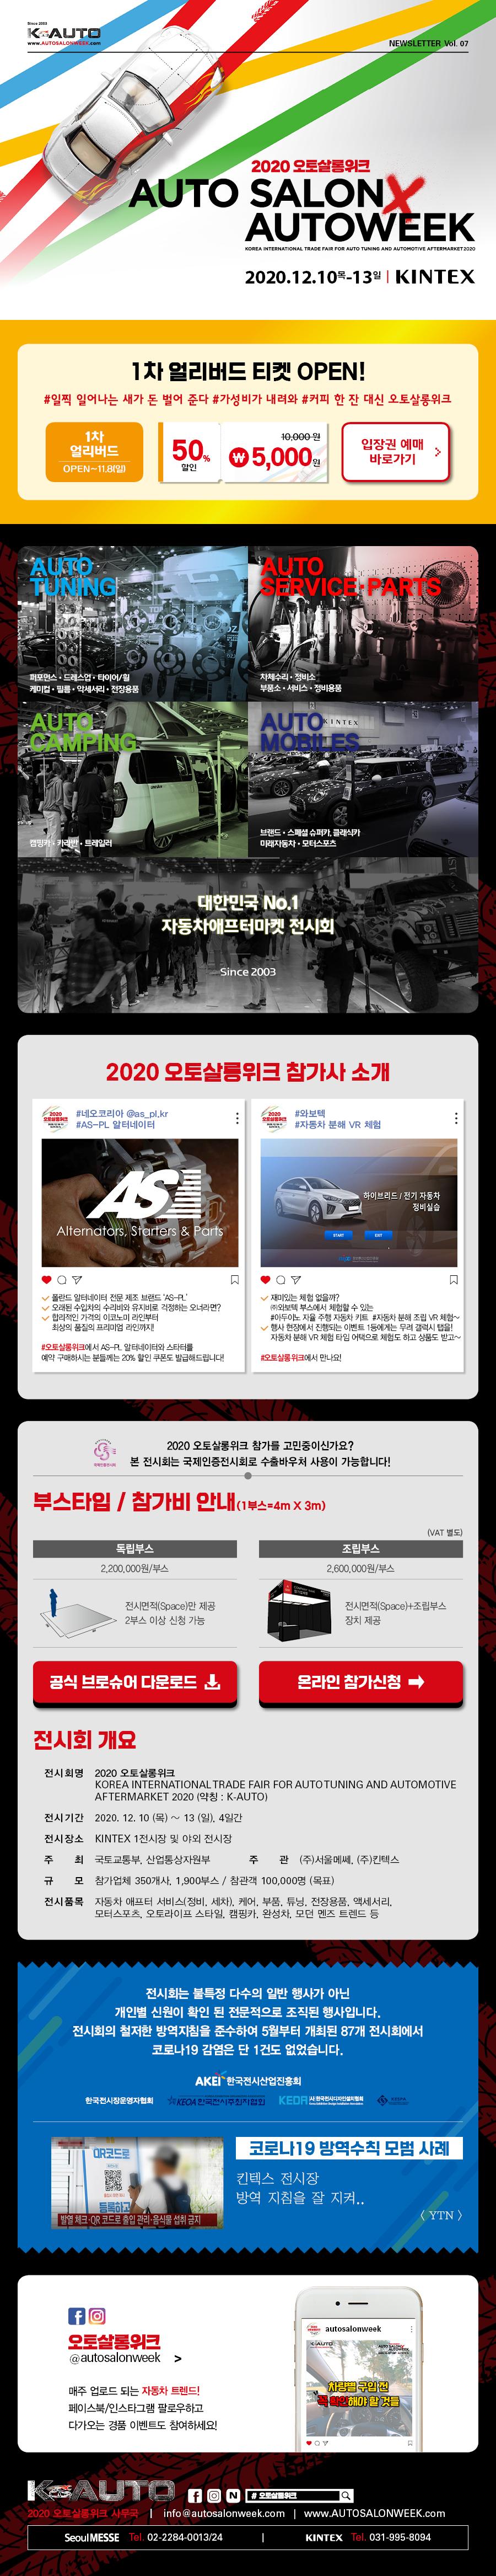 2020 오토살롱 뉴스레터_07-2(1015).jpg